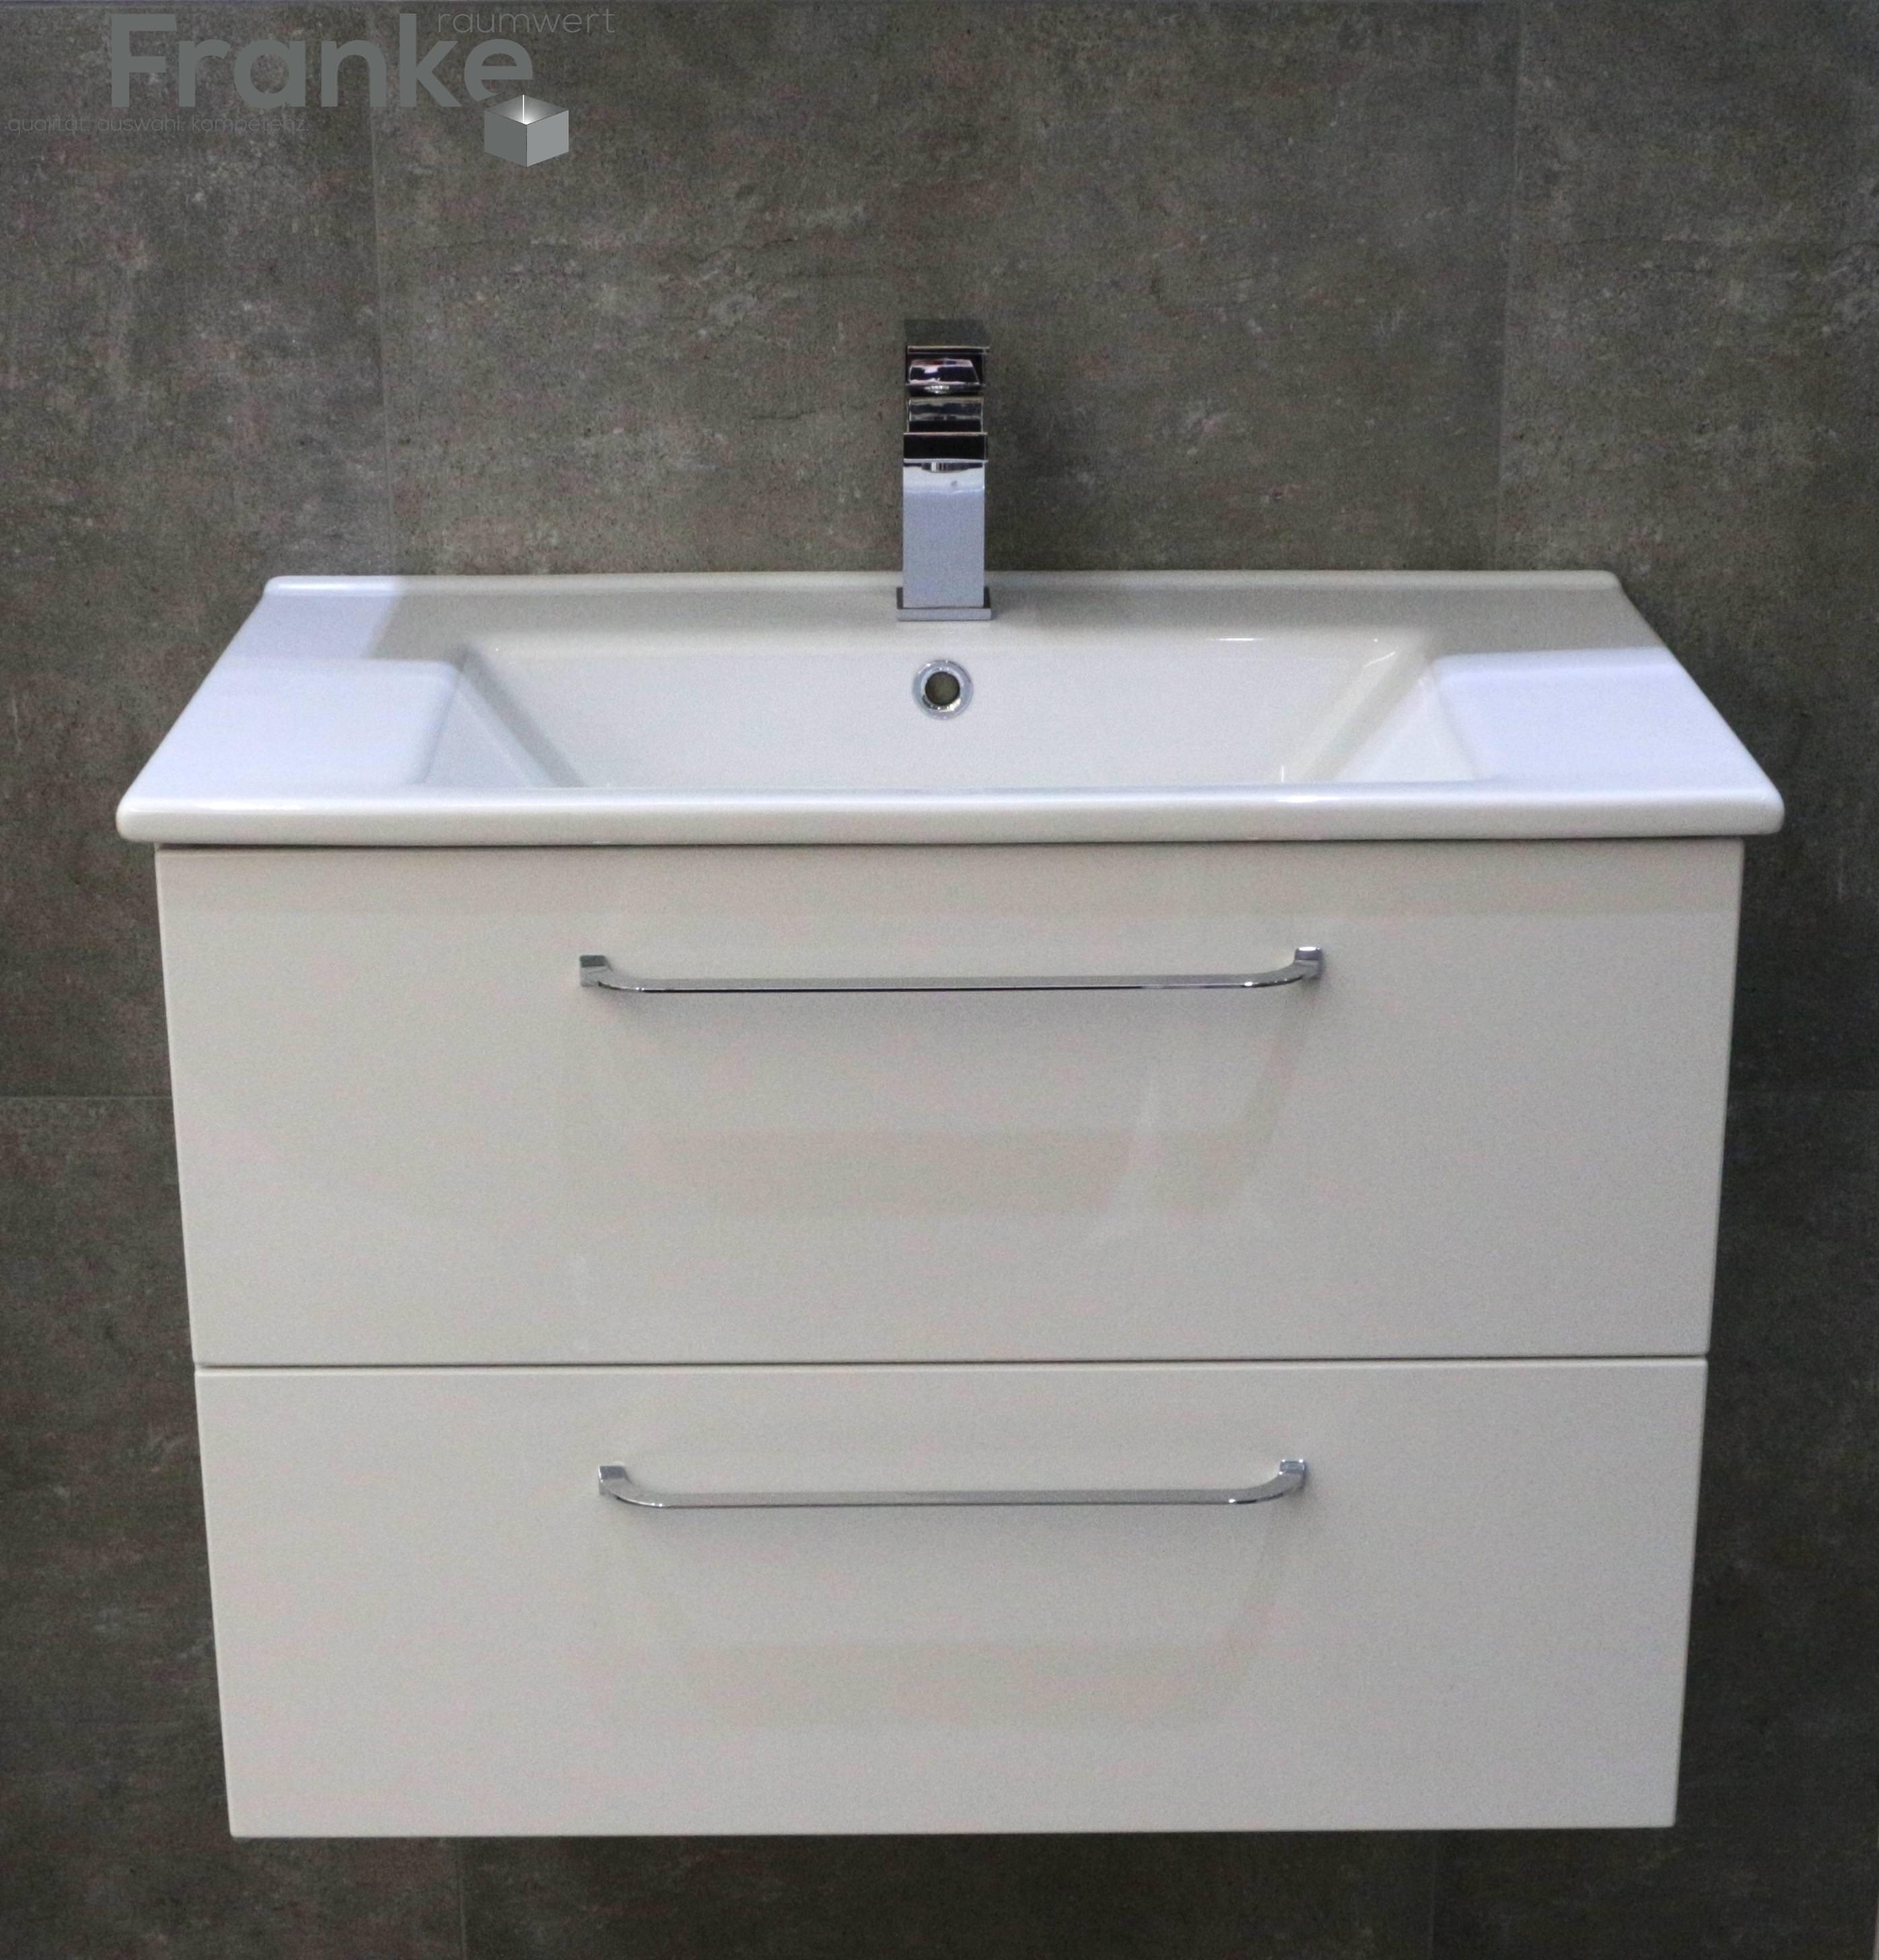 luxus und wohlf hlmomente f rs bad franke raumwert. Black Bedroom Furniture Sets. Home Design Ideas